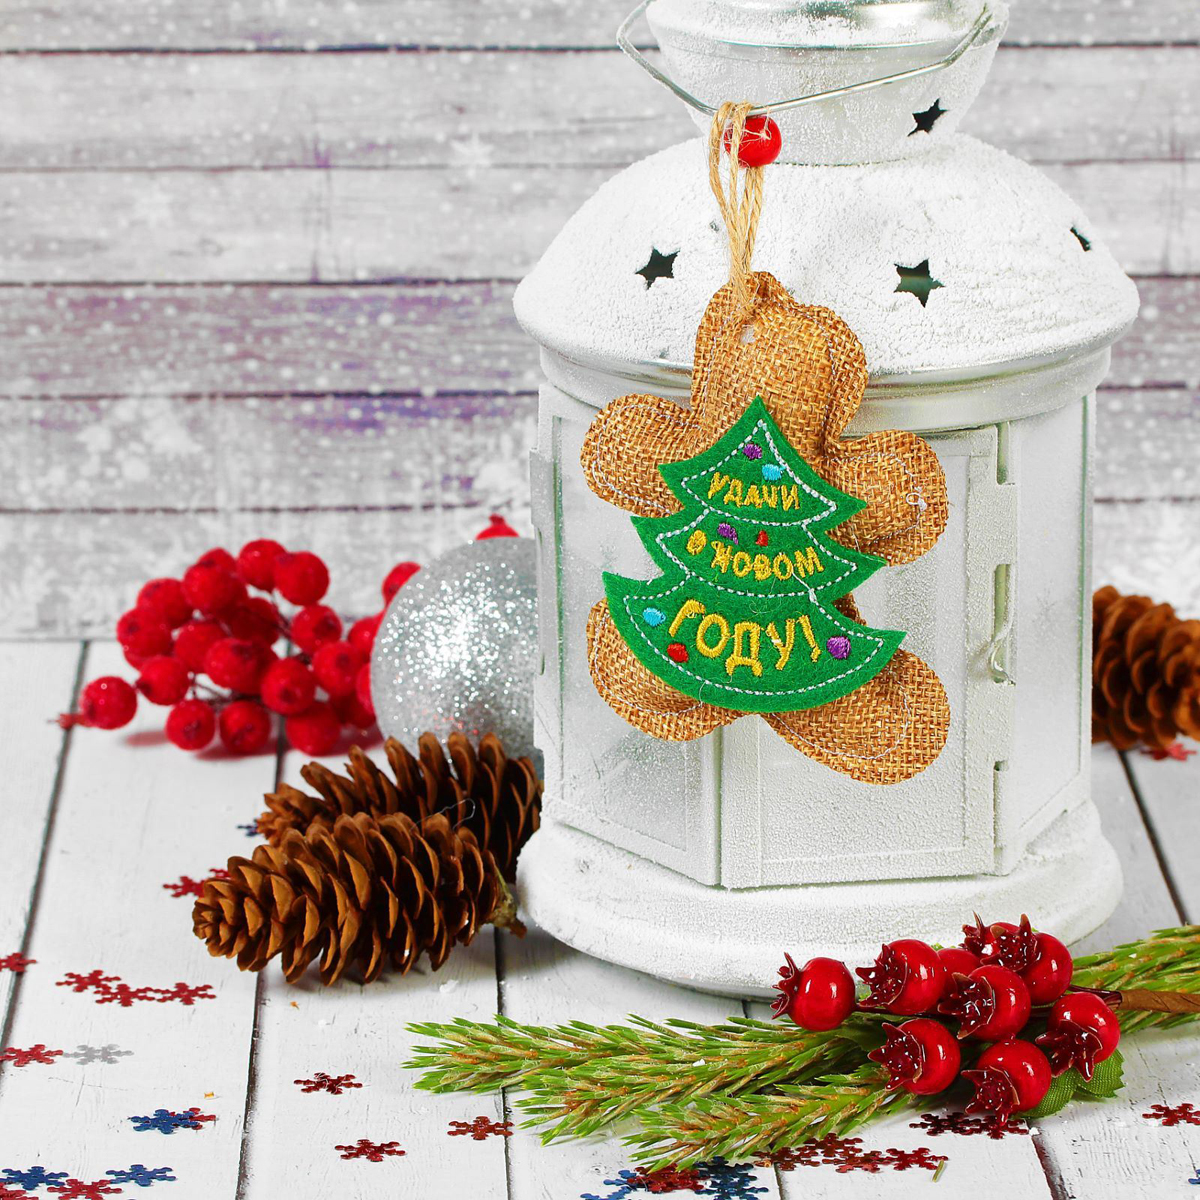 Новогоднее подвесное украшение Страна Карнавалия Удачи в новом году. Печенька2293121Новогоднее подвесное украшение Страна Карнавалия, выполненное из текстиля, украсит интерьер вашего дома или офиса в преддверии Нового года. Оригинальный дизайн и красочное исполнение создадут праздничное настроение. Новогодние украшения всегда несут в себе волшебство и красоту праздника. Создайте в своем доме атмосферу тепла, веселья и радости, украшая его всей семьей.